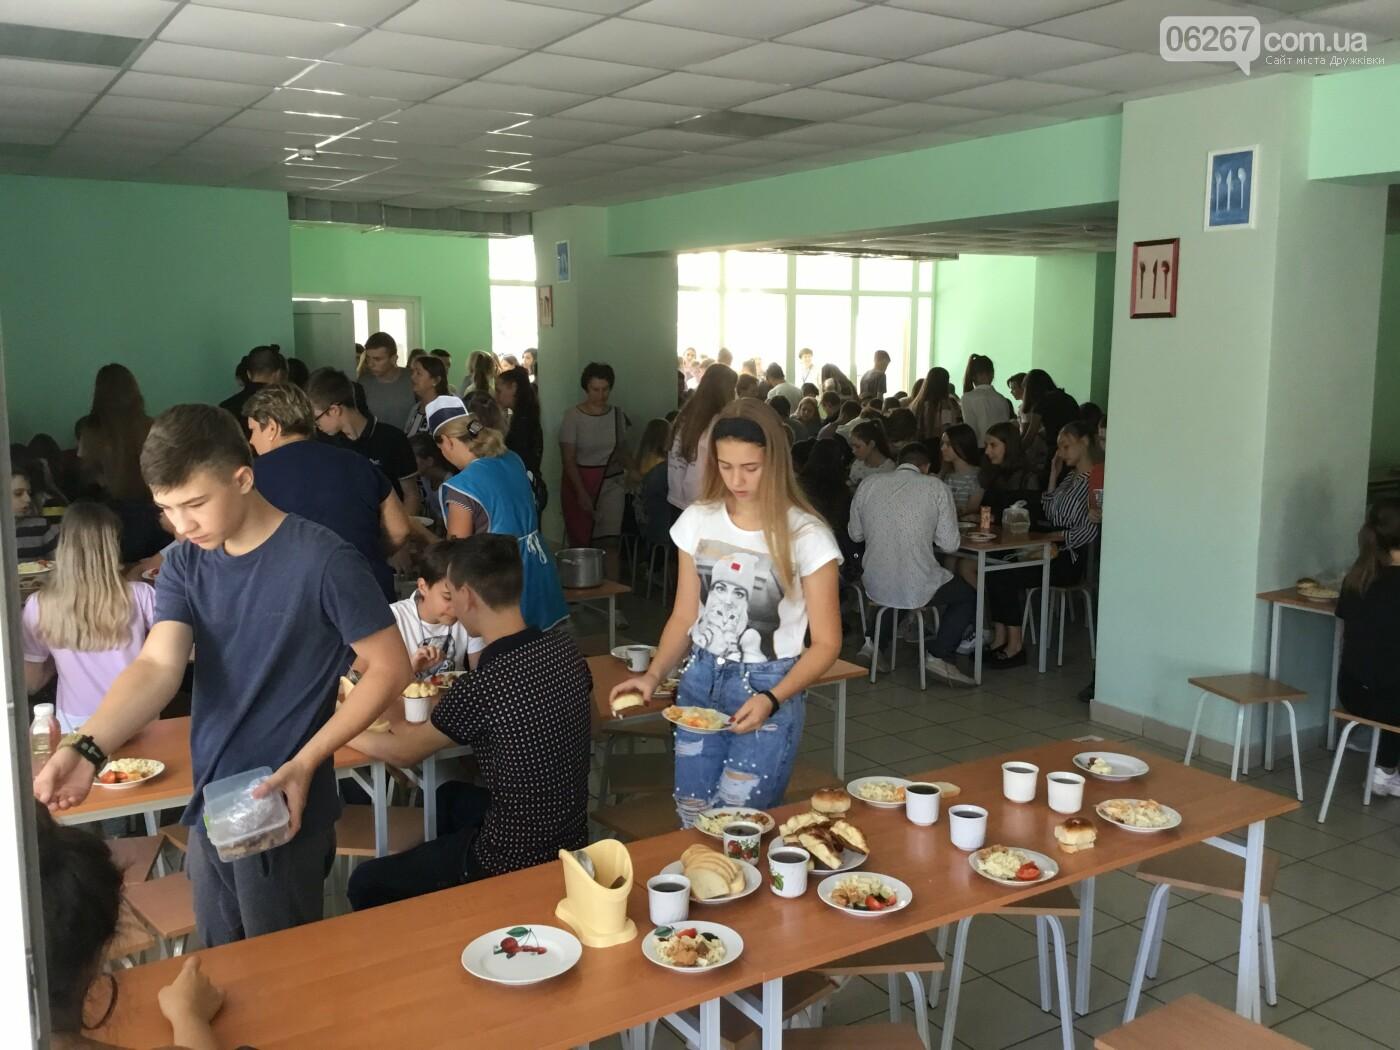 Дружковка: В школе №17 ученики уже месяц питаются по-новому (ФОТО, ВИДЕО), фото-1